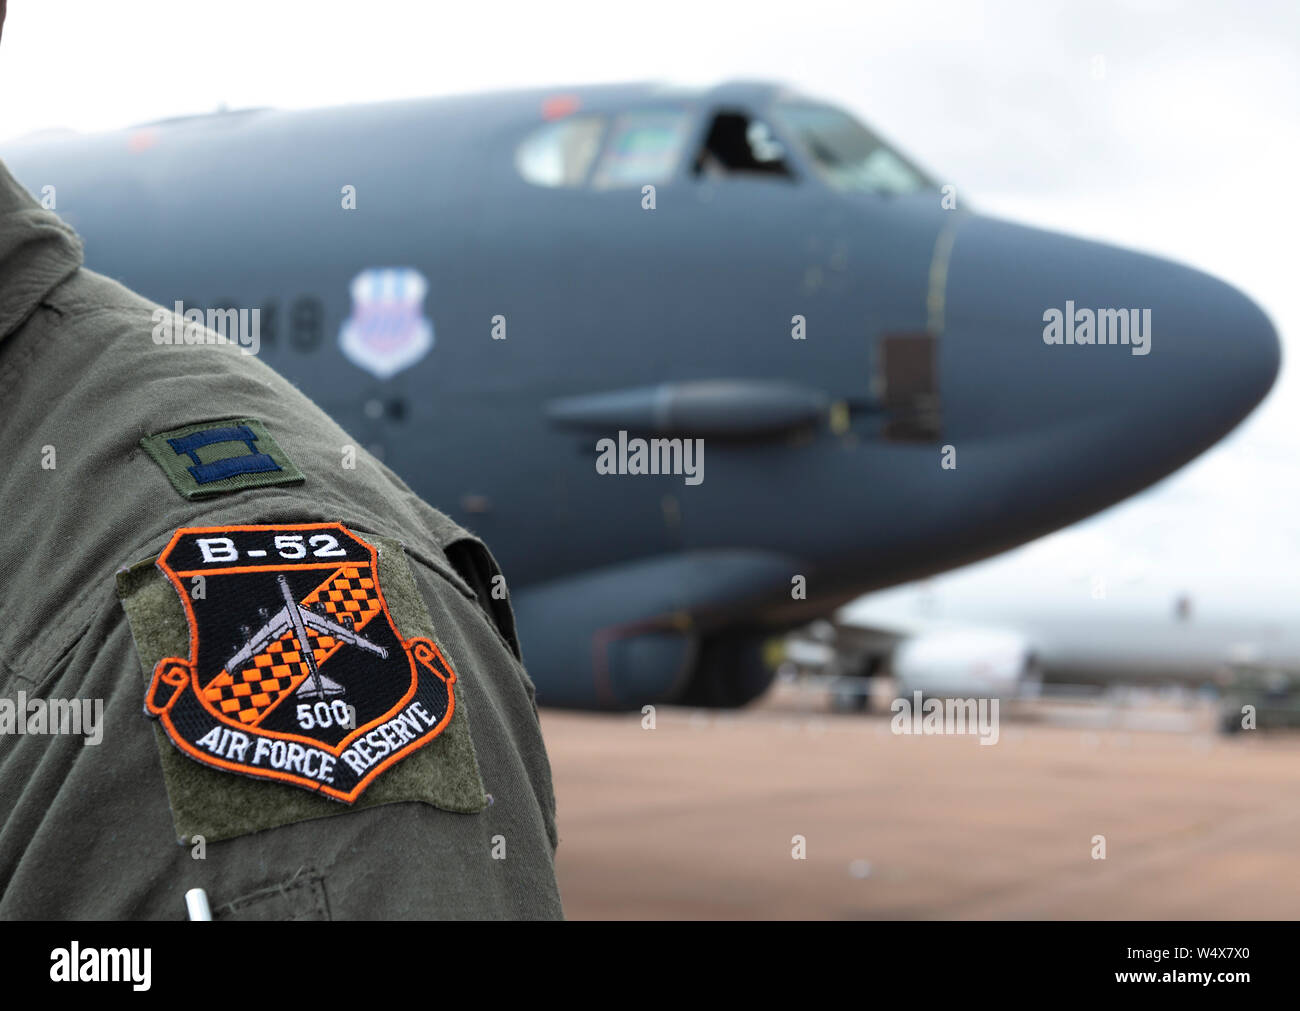 Boeing B-52 Stratofortress kommt auf RAIT 2019 von seinem Barksdale Air Force Base Louisiana, USA, für Ausstellungen und um einen vorübergehenden Wohnsitz zu nehmen. Stockfoto